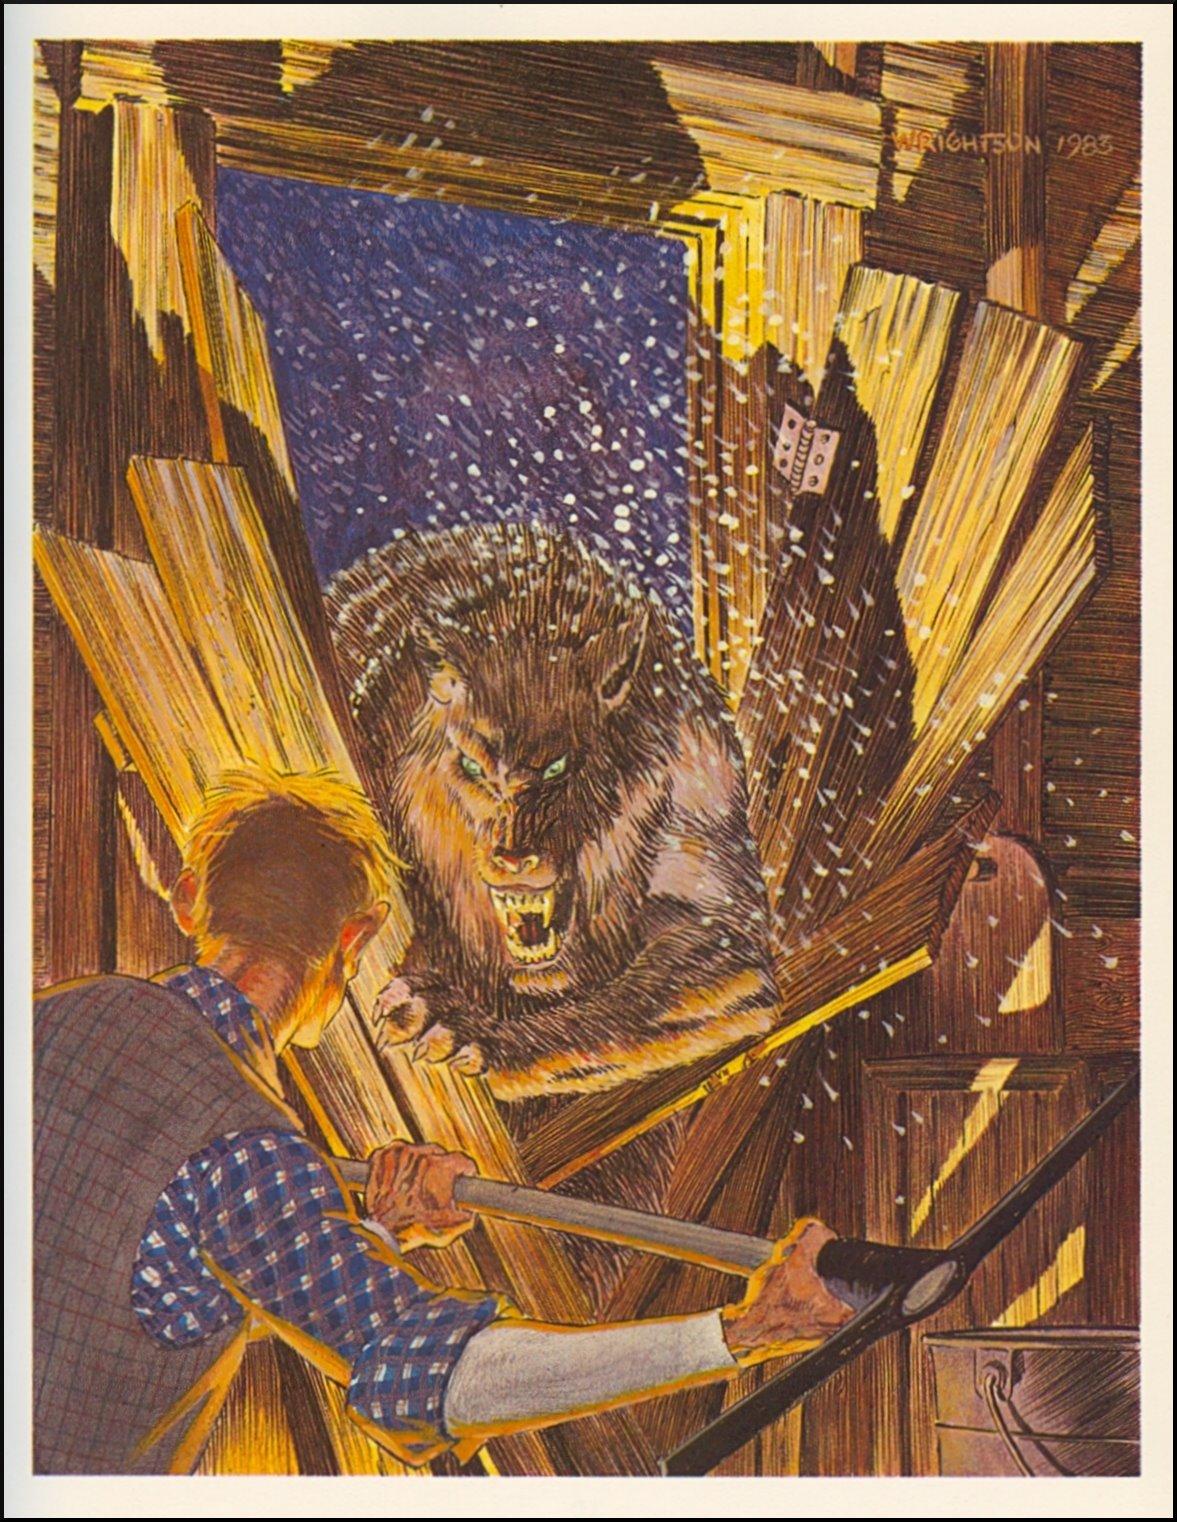 Bernie Wrightson werewolf art 1